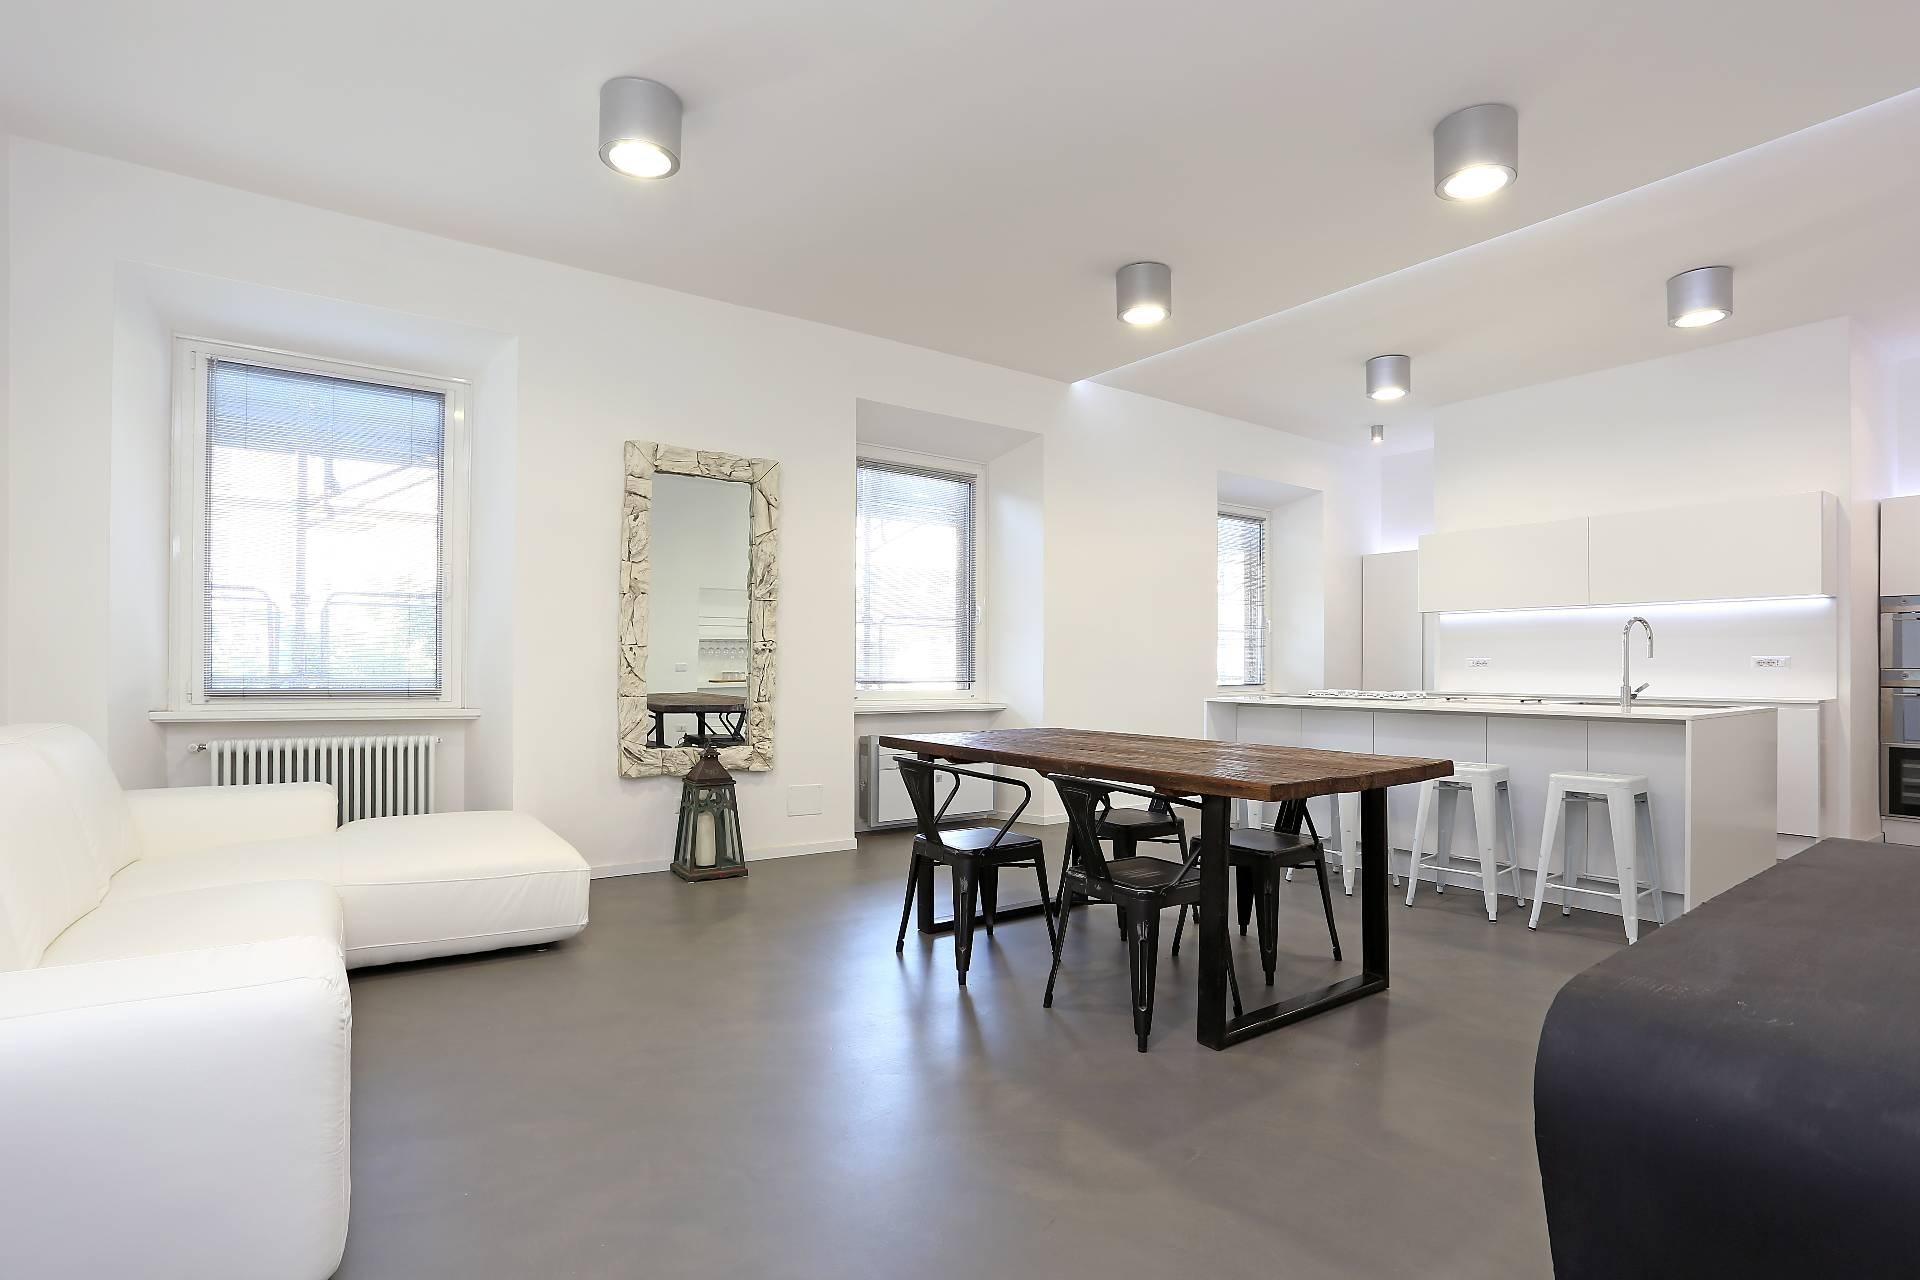 Appartamento in vendita a Roma, 5 locali, zona Zona: 25 . Trastevere - Testaccio, prezzo € 1.190.000 | CambioCasa.it